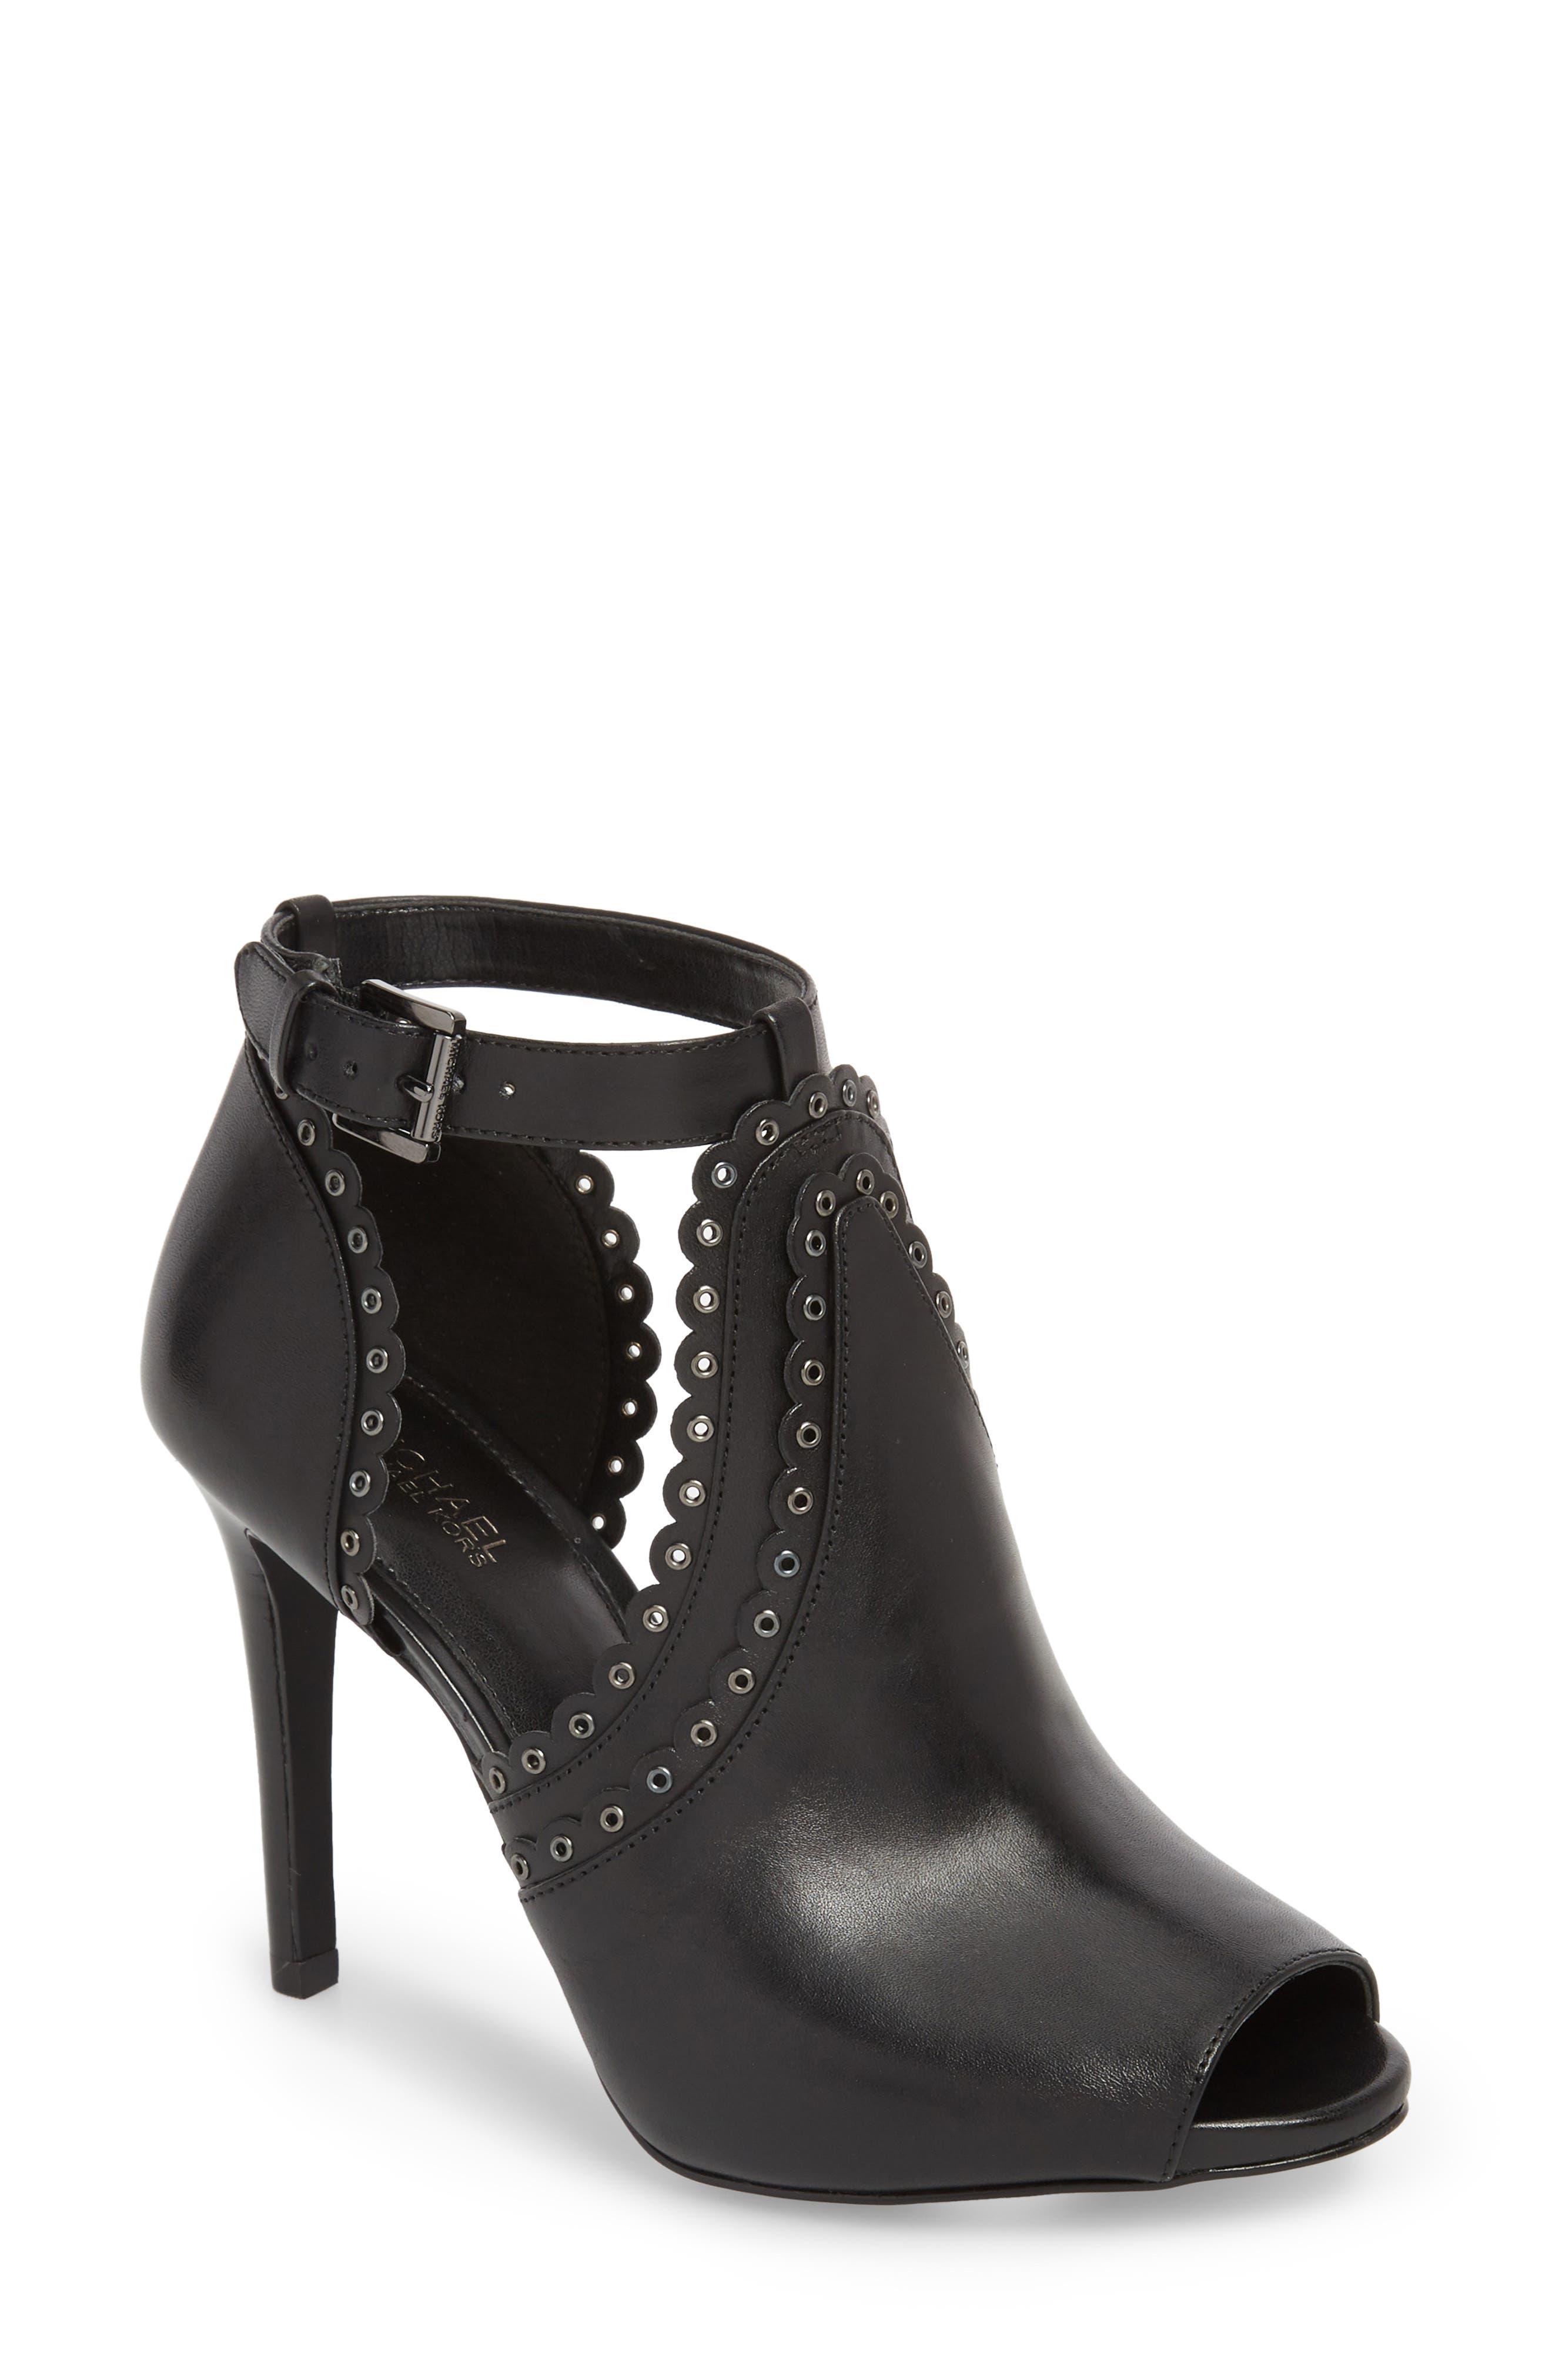 Jessie Ankle Strap Sandal,                         Main,                         color, 001